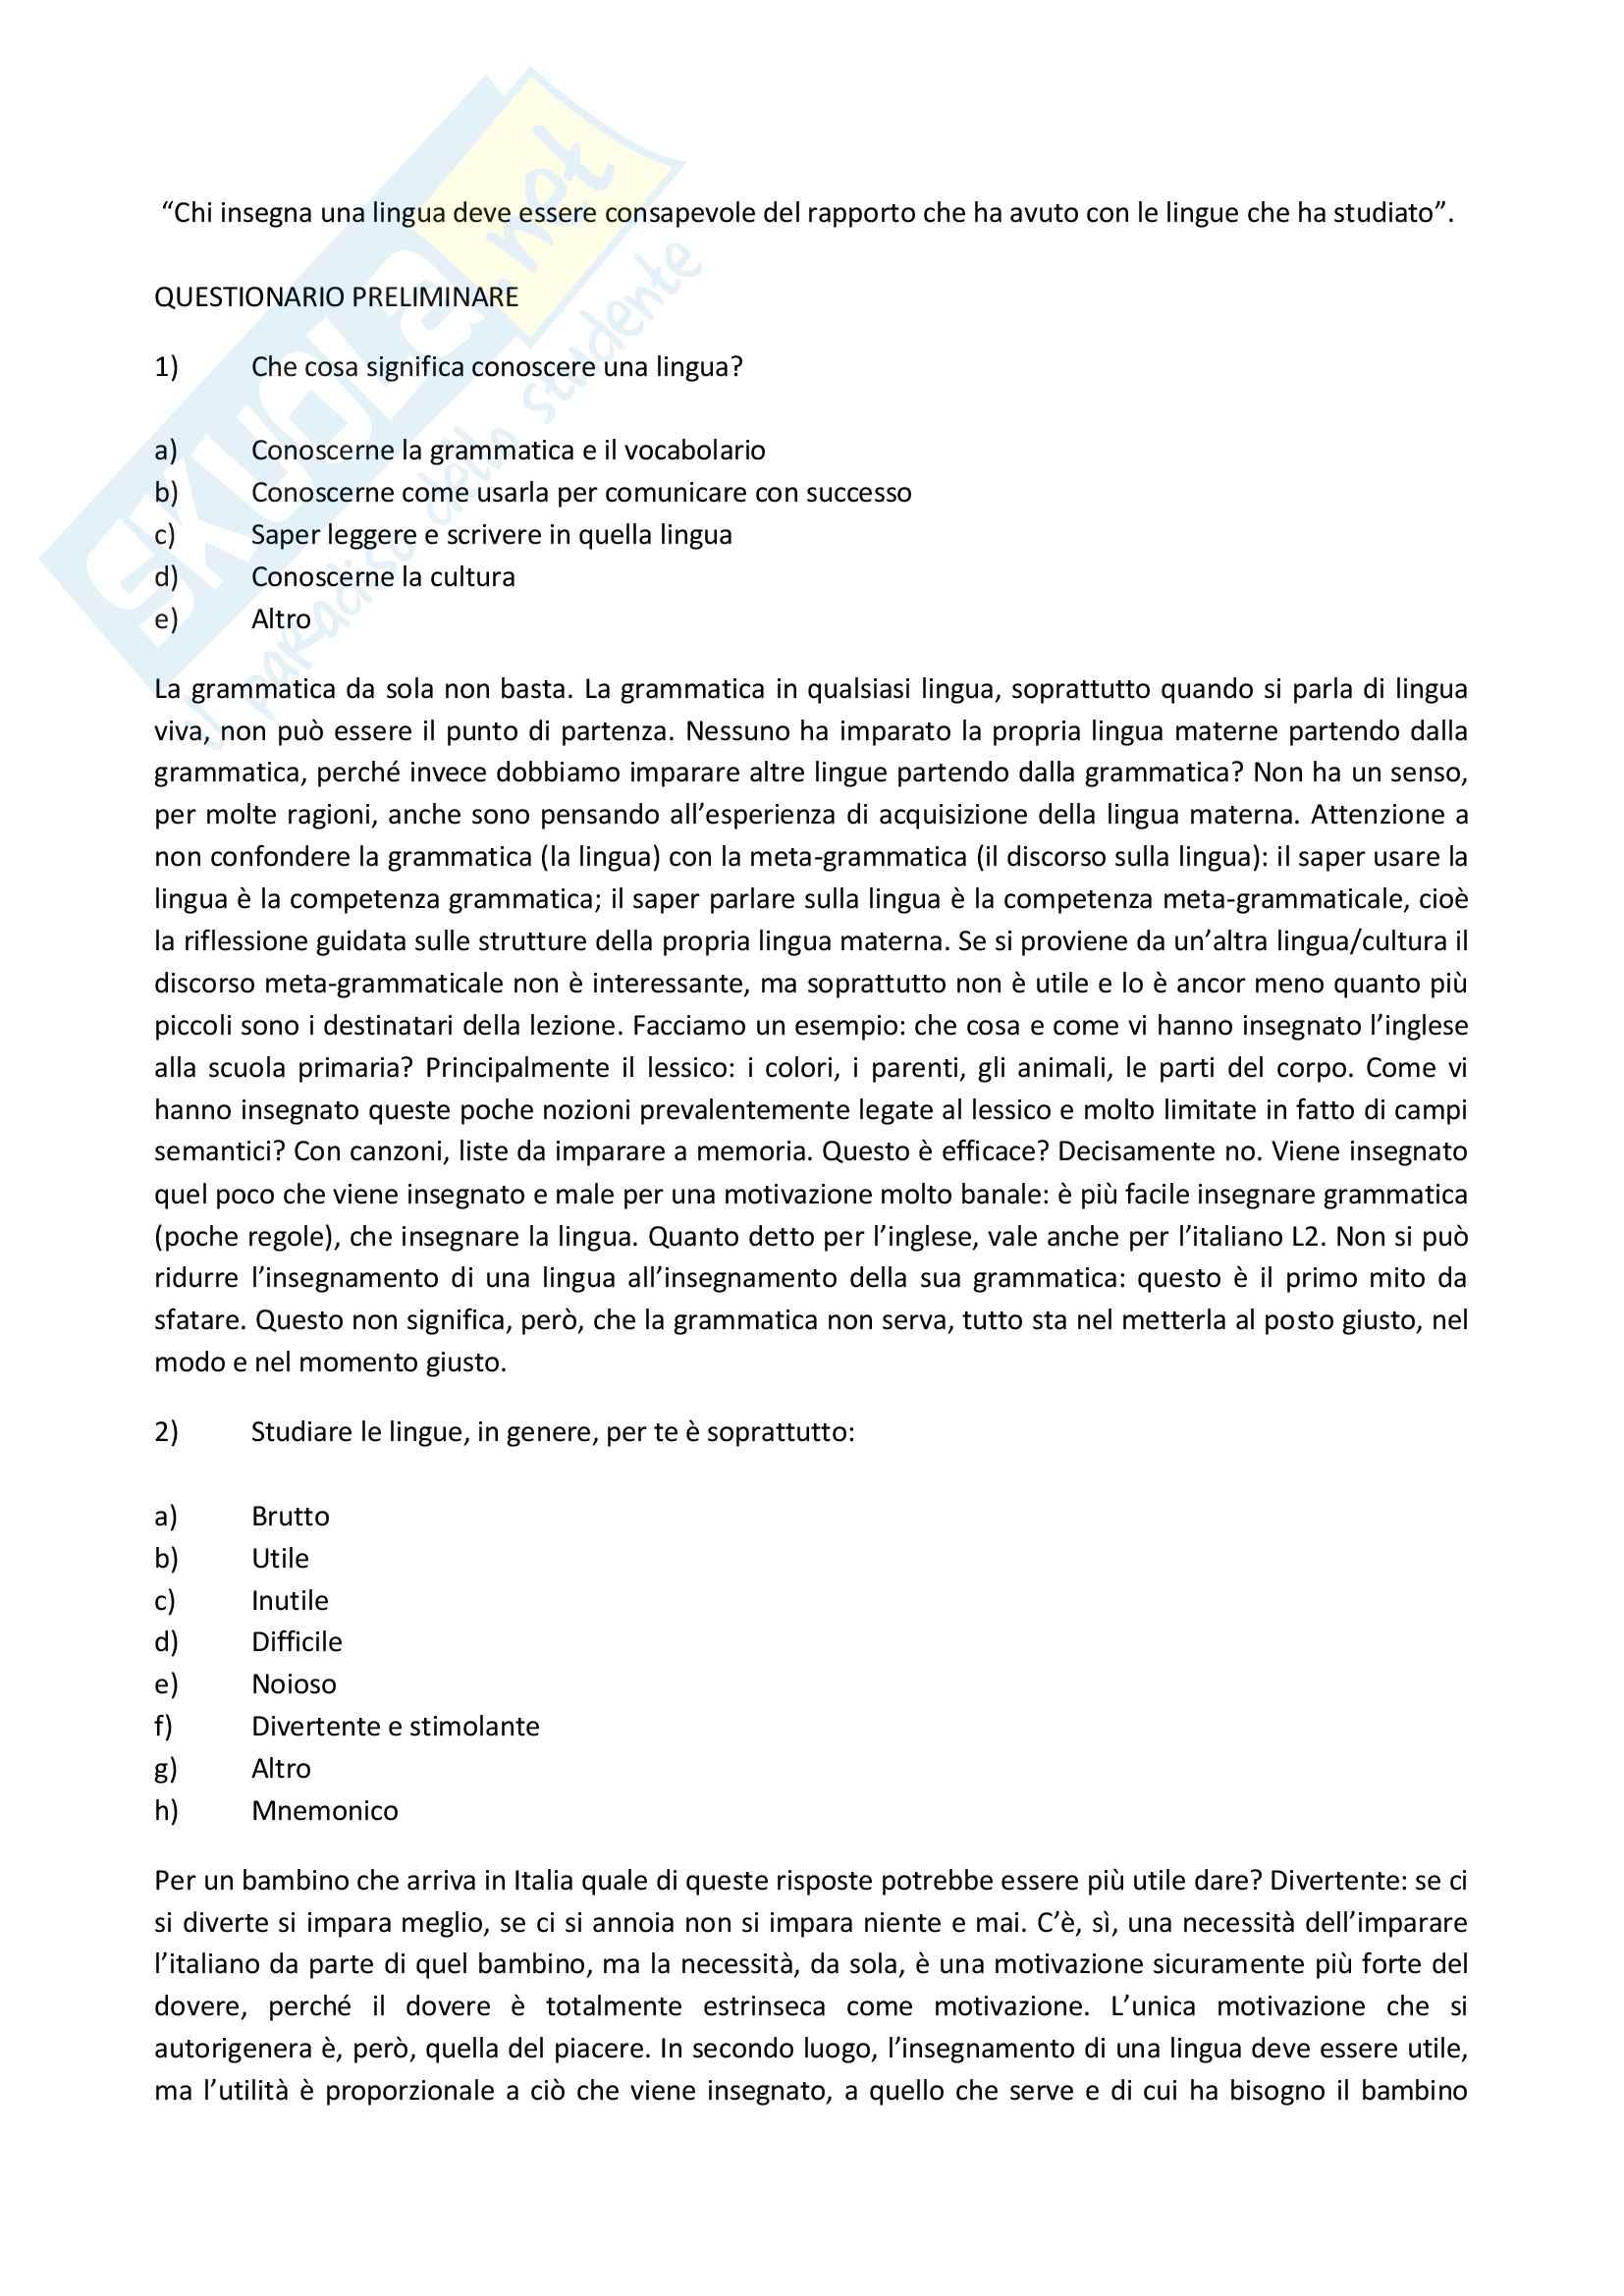 Appunti delle lezioni di Didattica dell'italiano L2 prof Santipolo